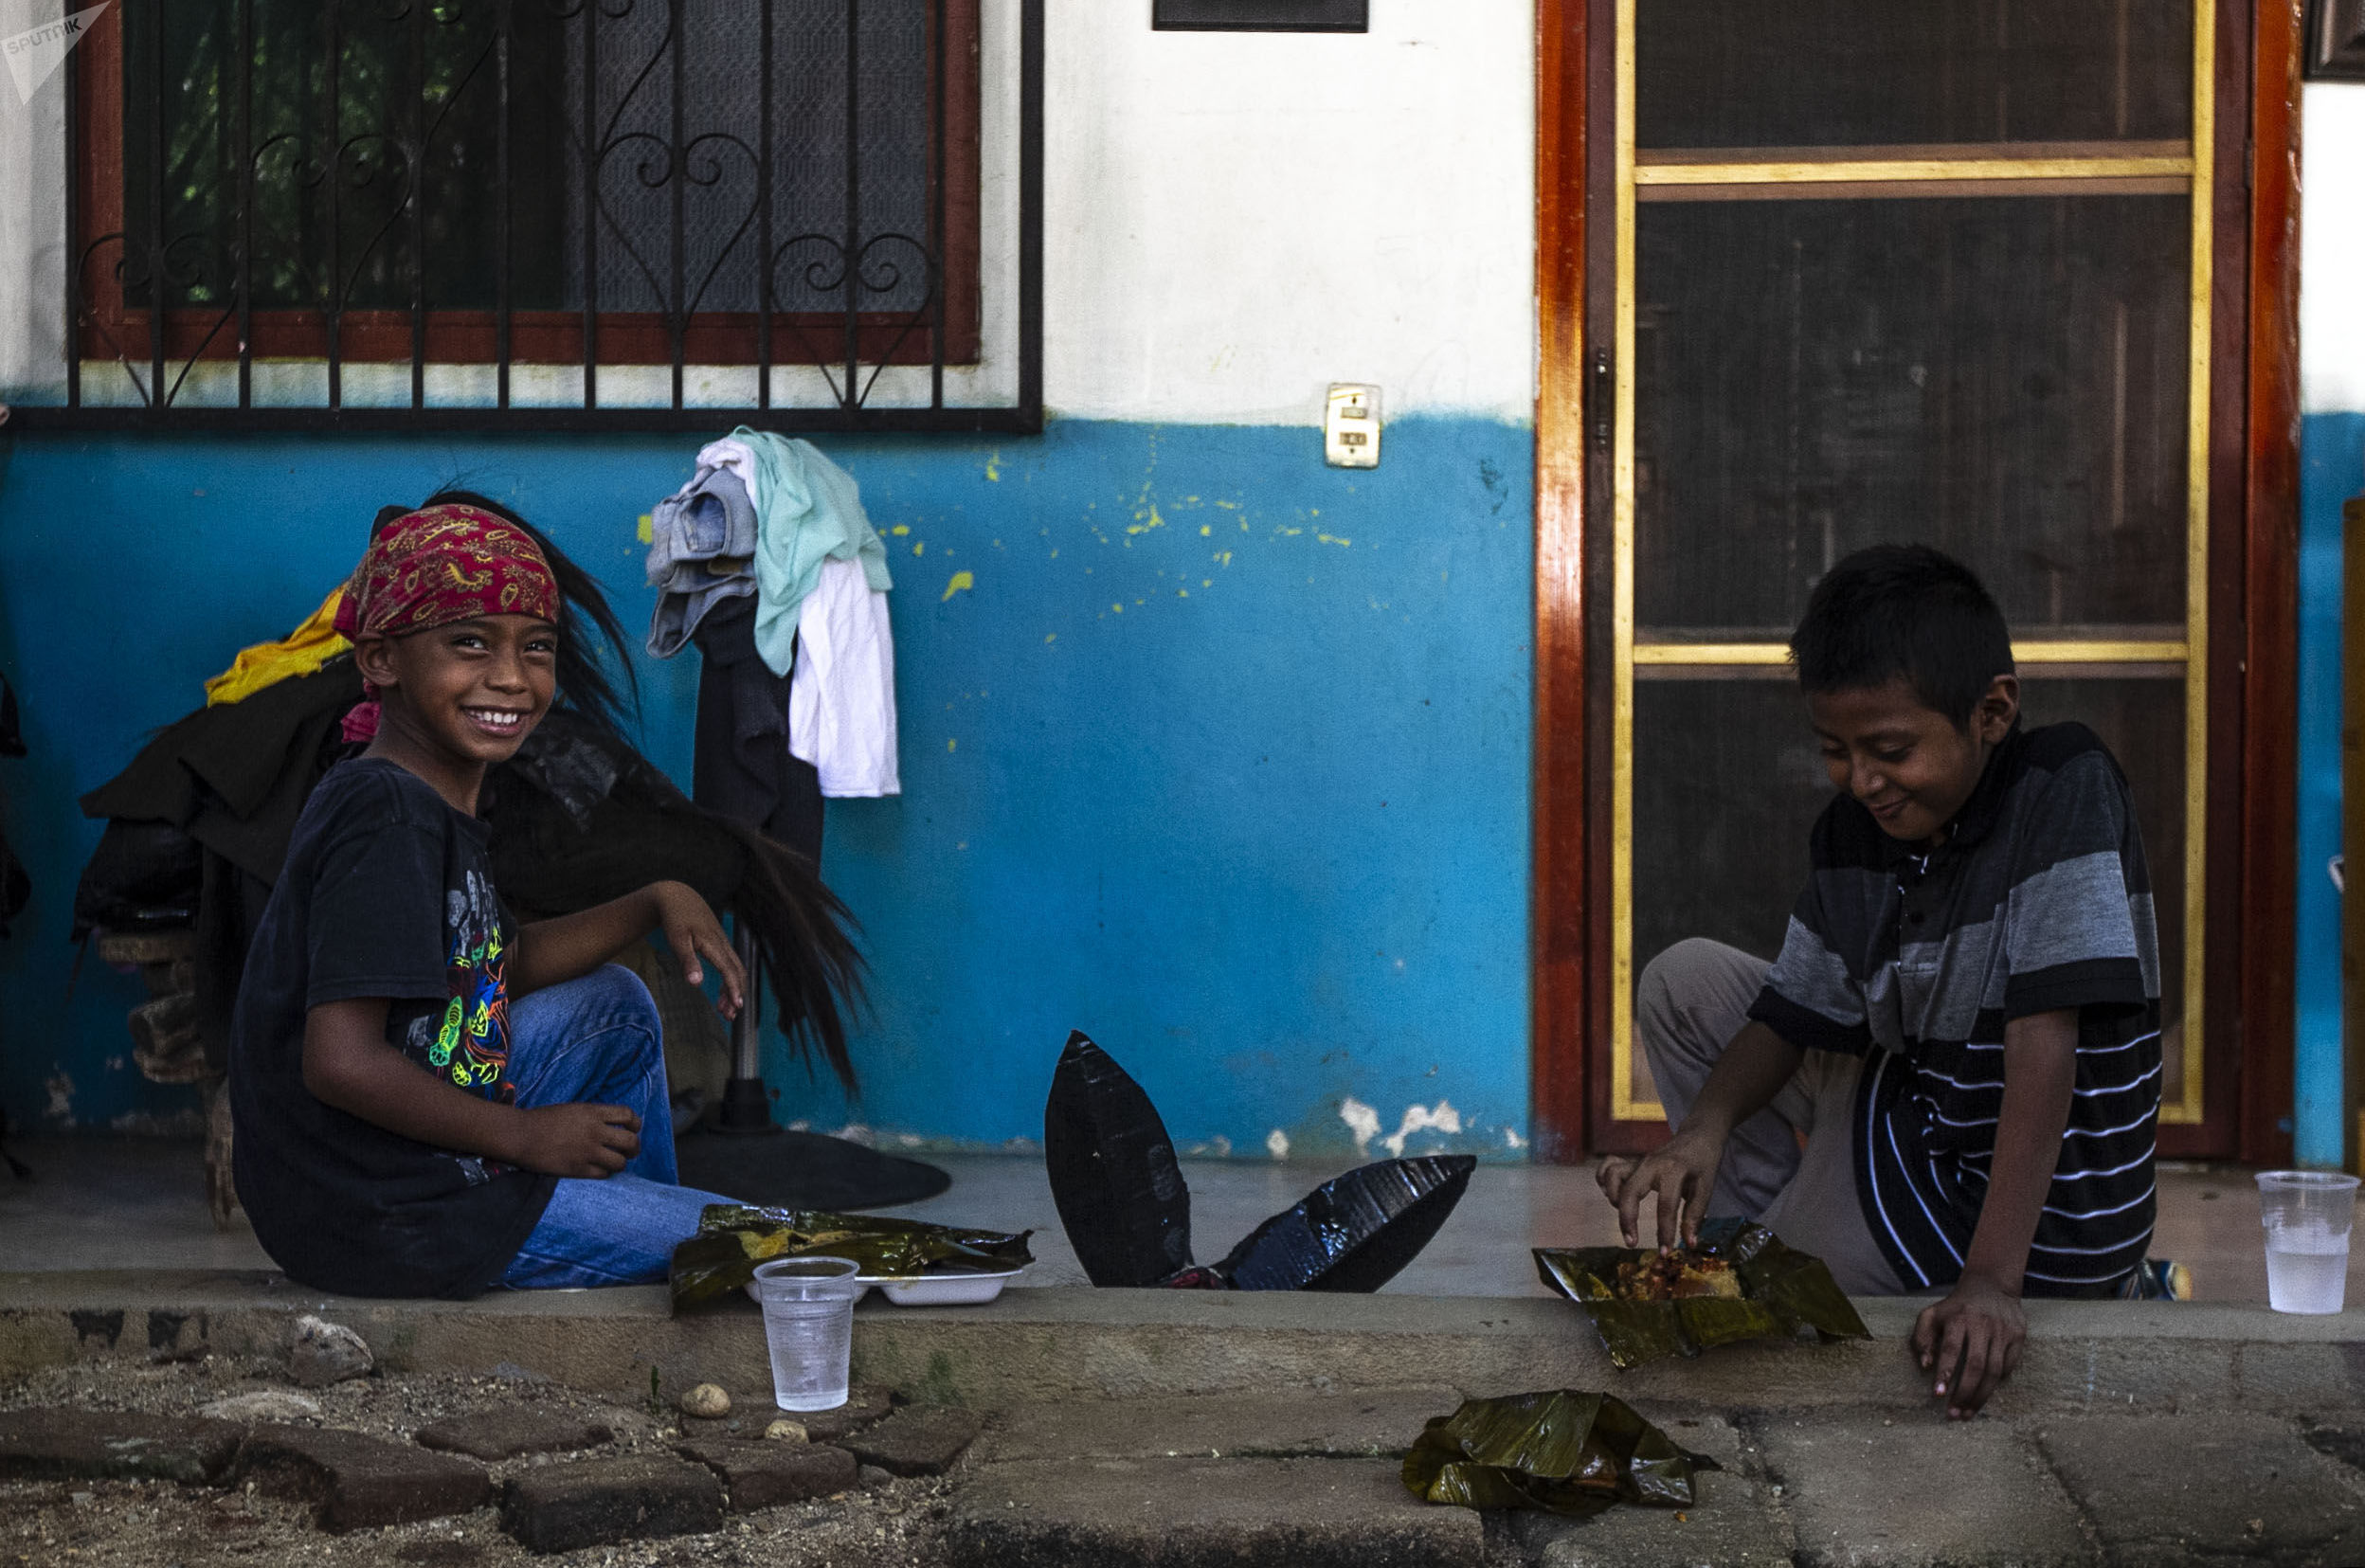 Cuajinicuilapa, Guerrero. Dos niños descansan tras el último día de la Danza de los Diablos, para festejar día de muertos en la región Costa chica